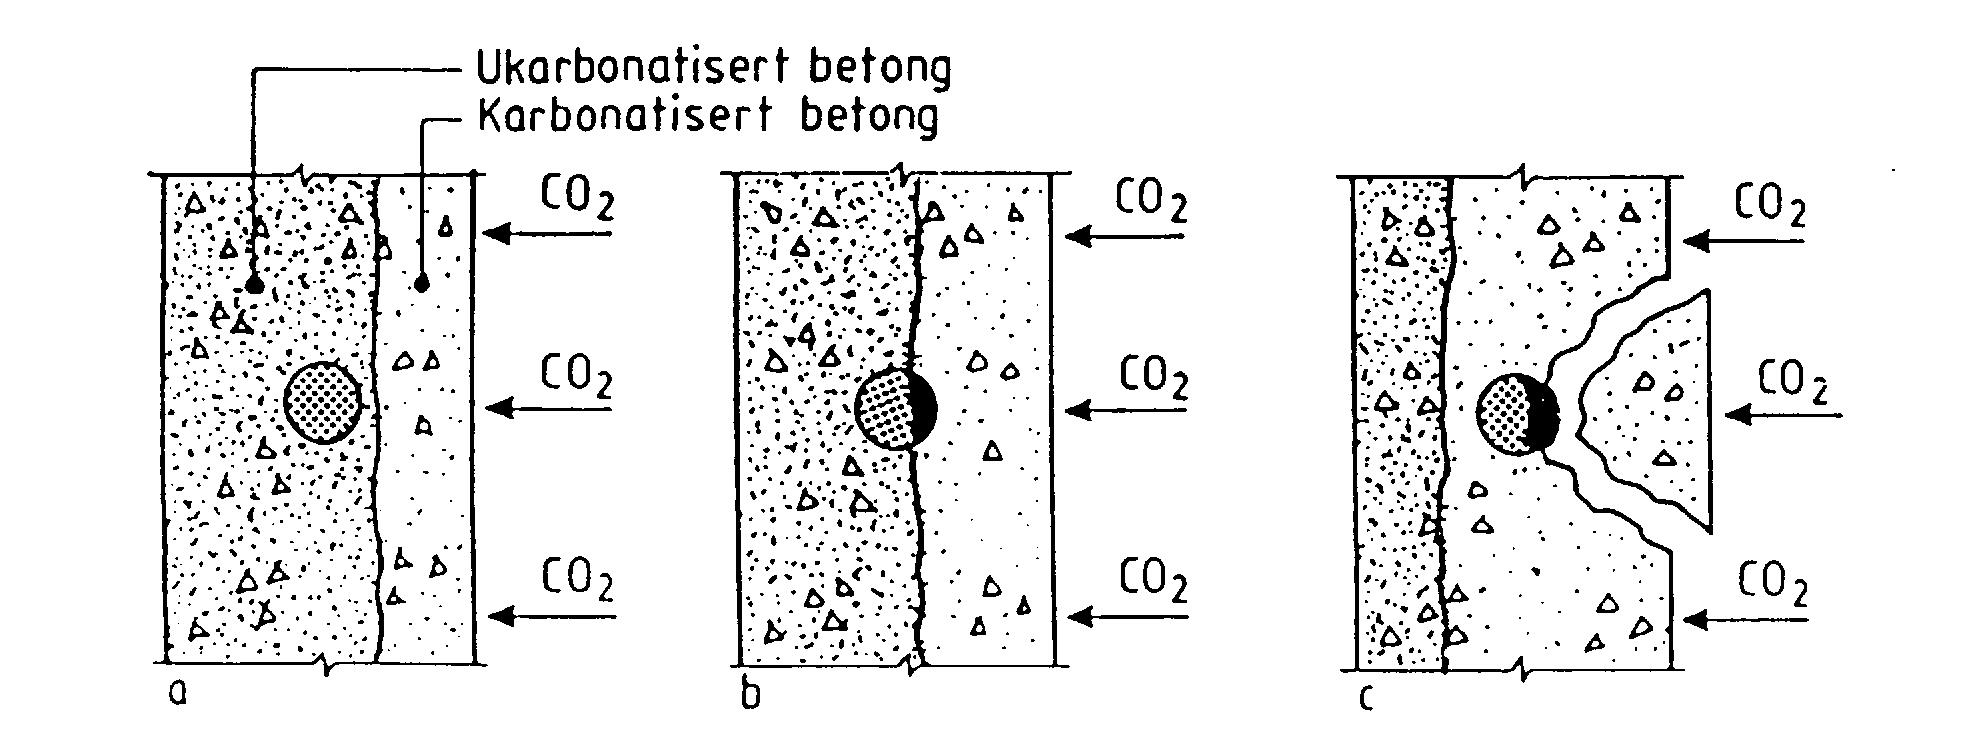 Karbonatisering